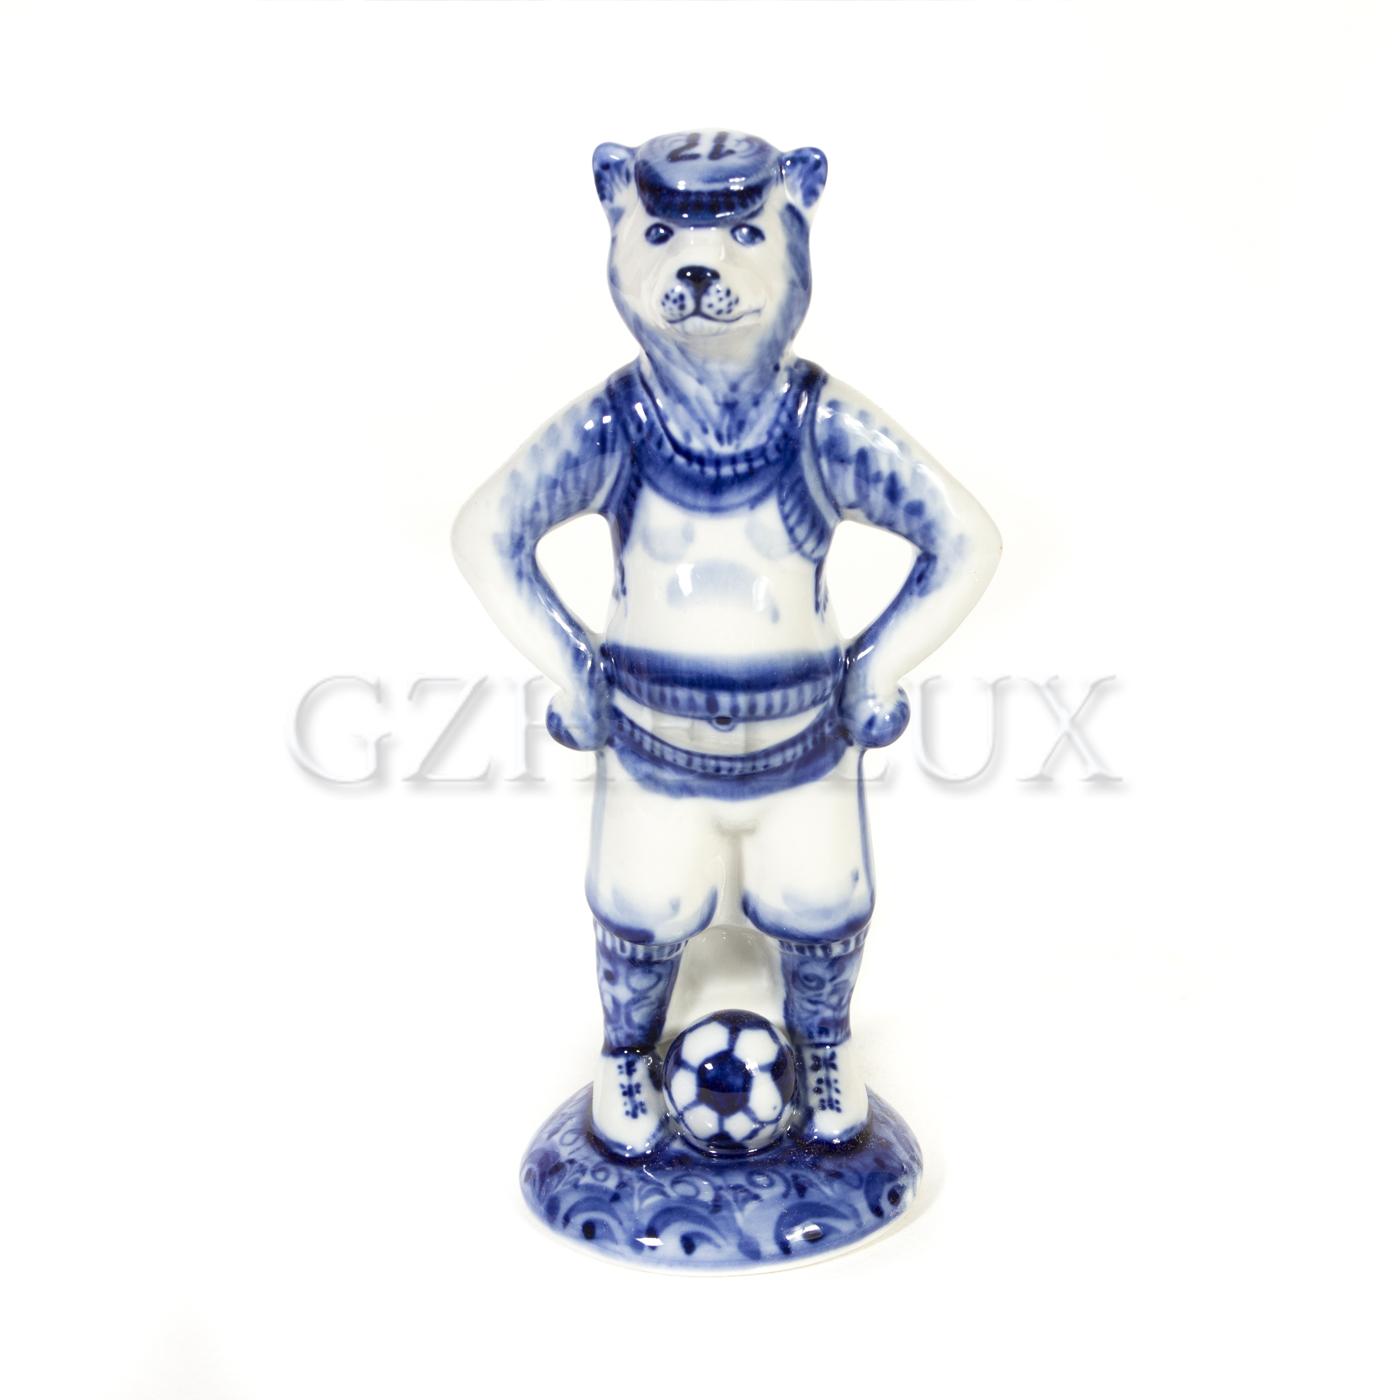 Скульптура «Волк Забивака» (символ ЧМ 2018)